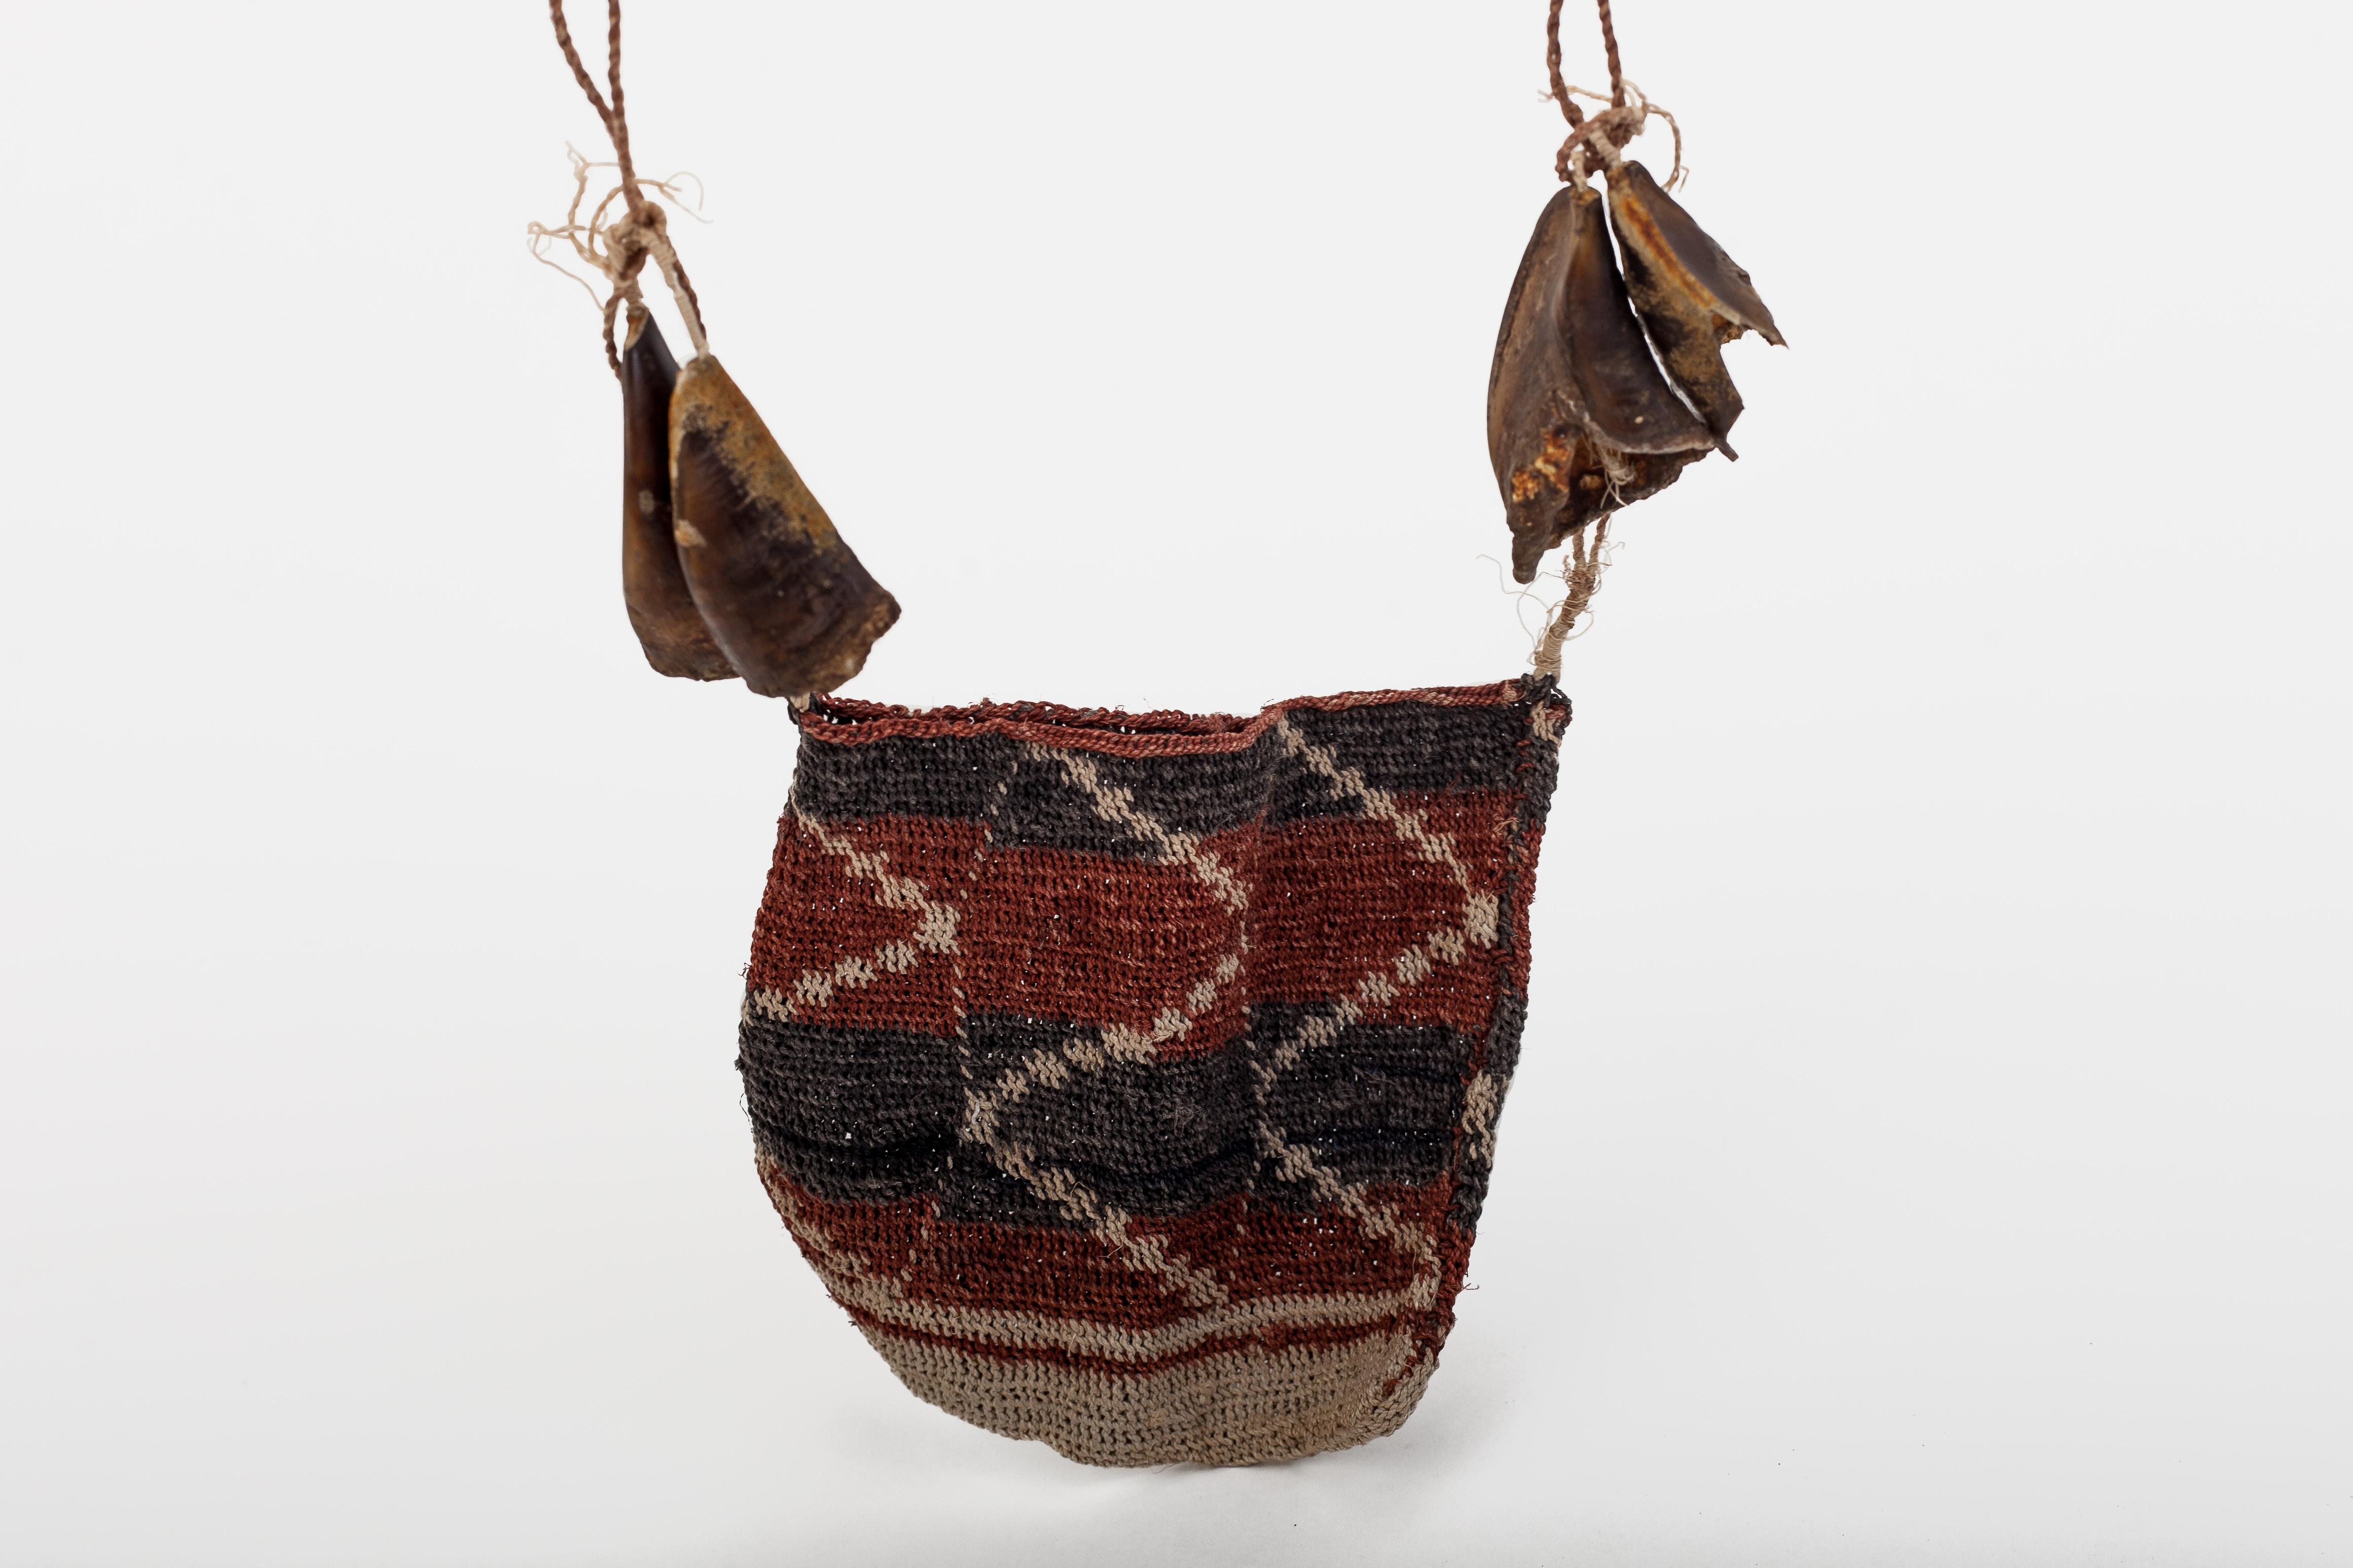 Man's bag – design: 'pig hooves'.